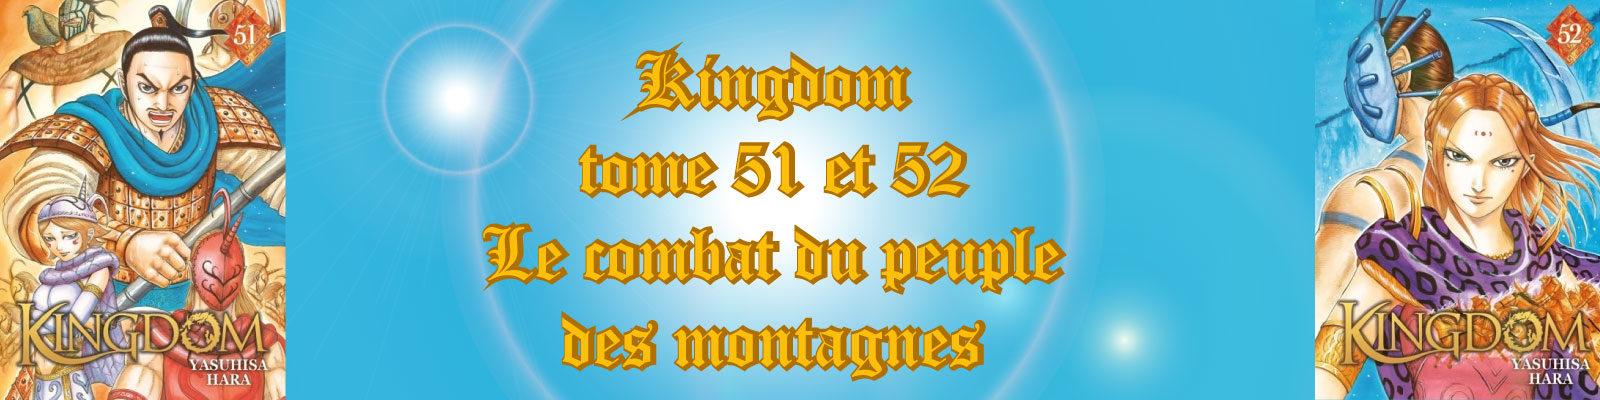 Kingdom-Vol.-51-1